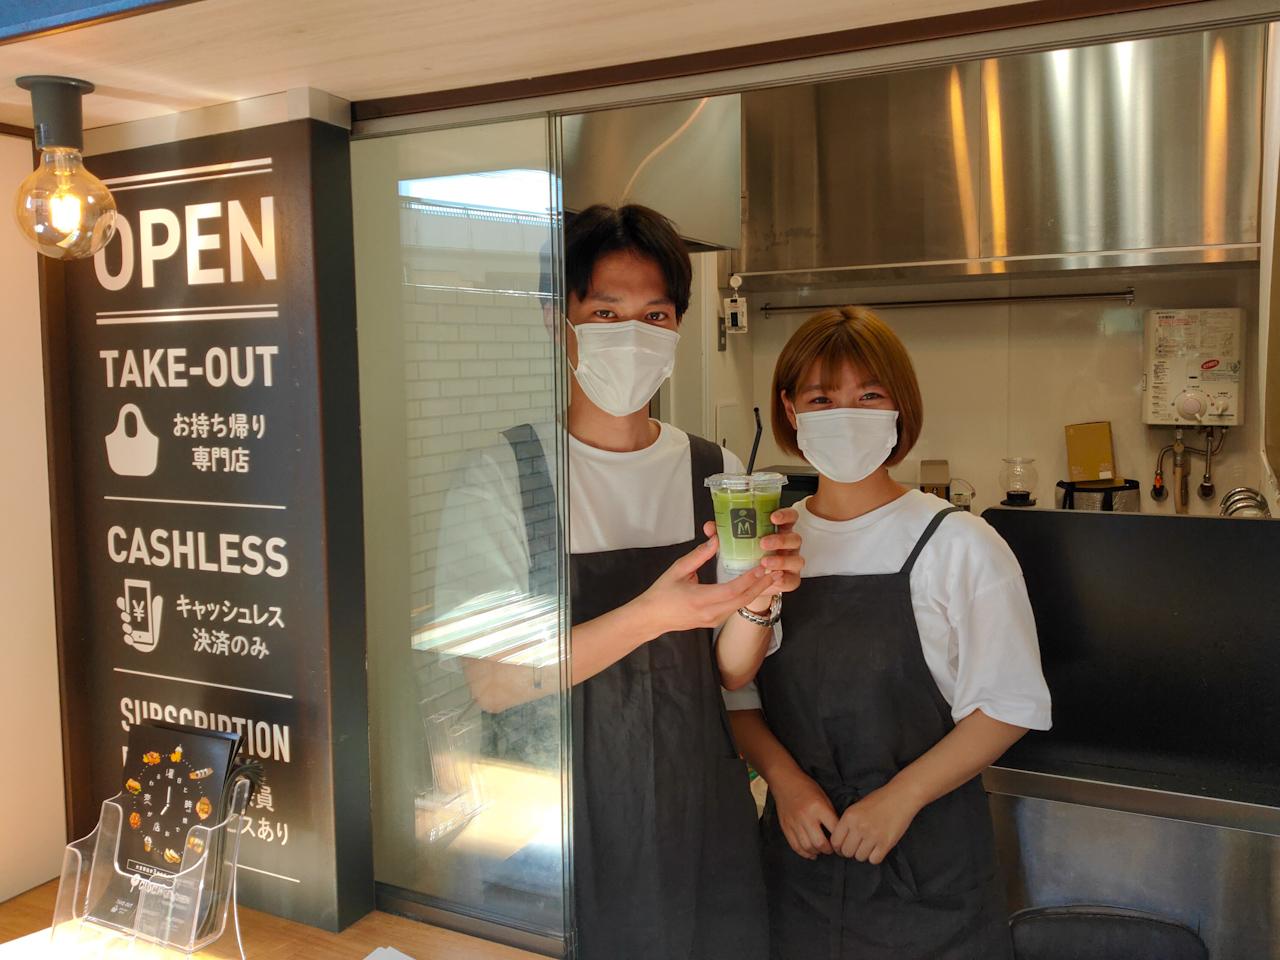 今回は「緑茶ラテ」(500円)を注文